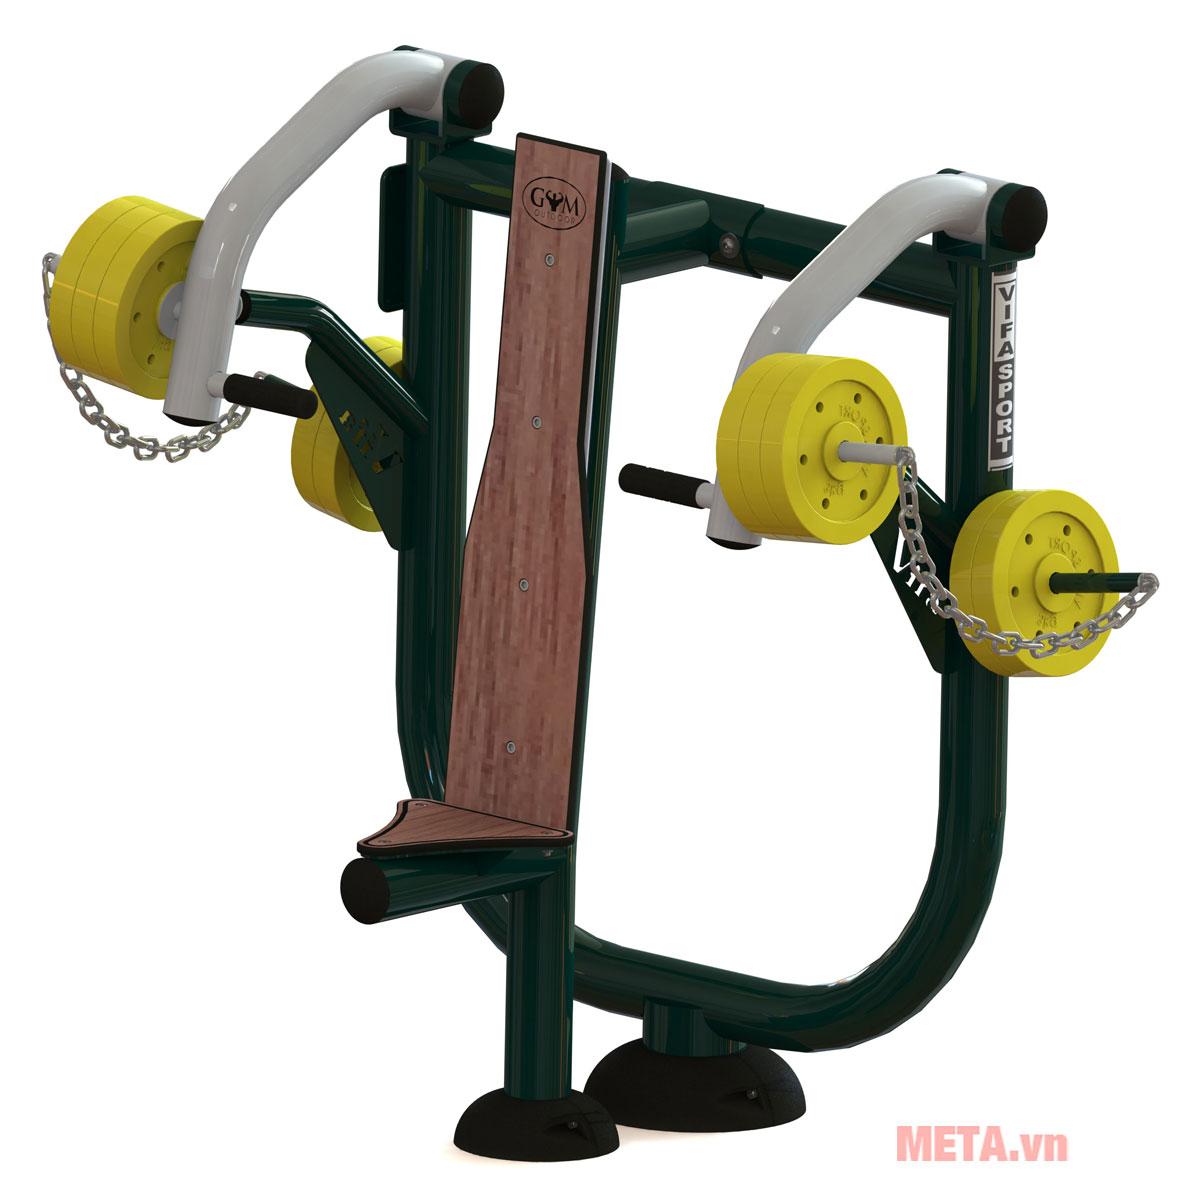 Đẩy tay gym công viên VIFA-71111